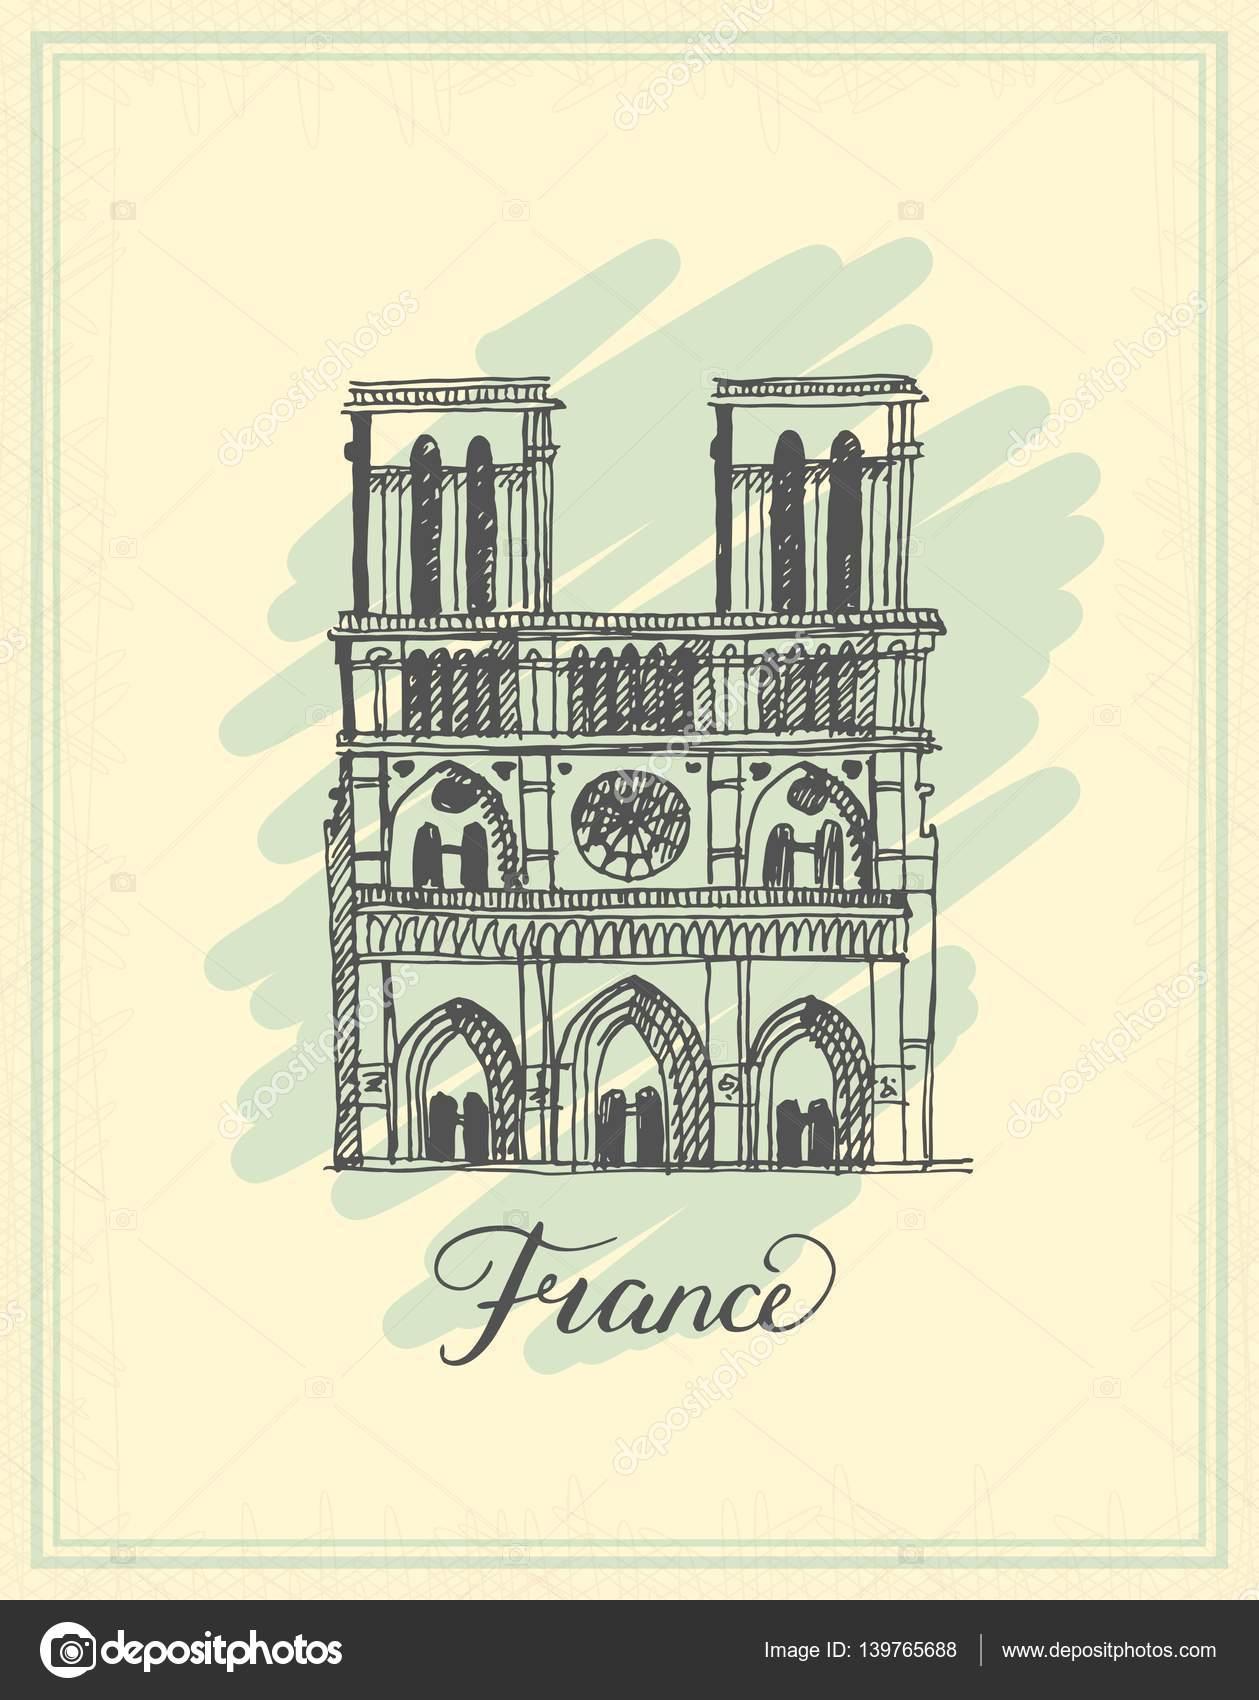 Notre Dame De Paris Disegno.Notre Dame De Paris Cathedral France Hand Drawing Sketch